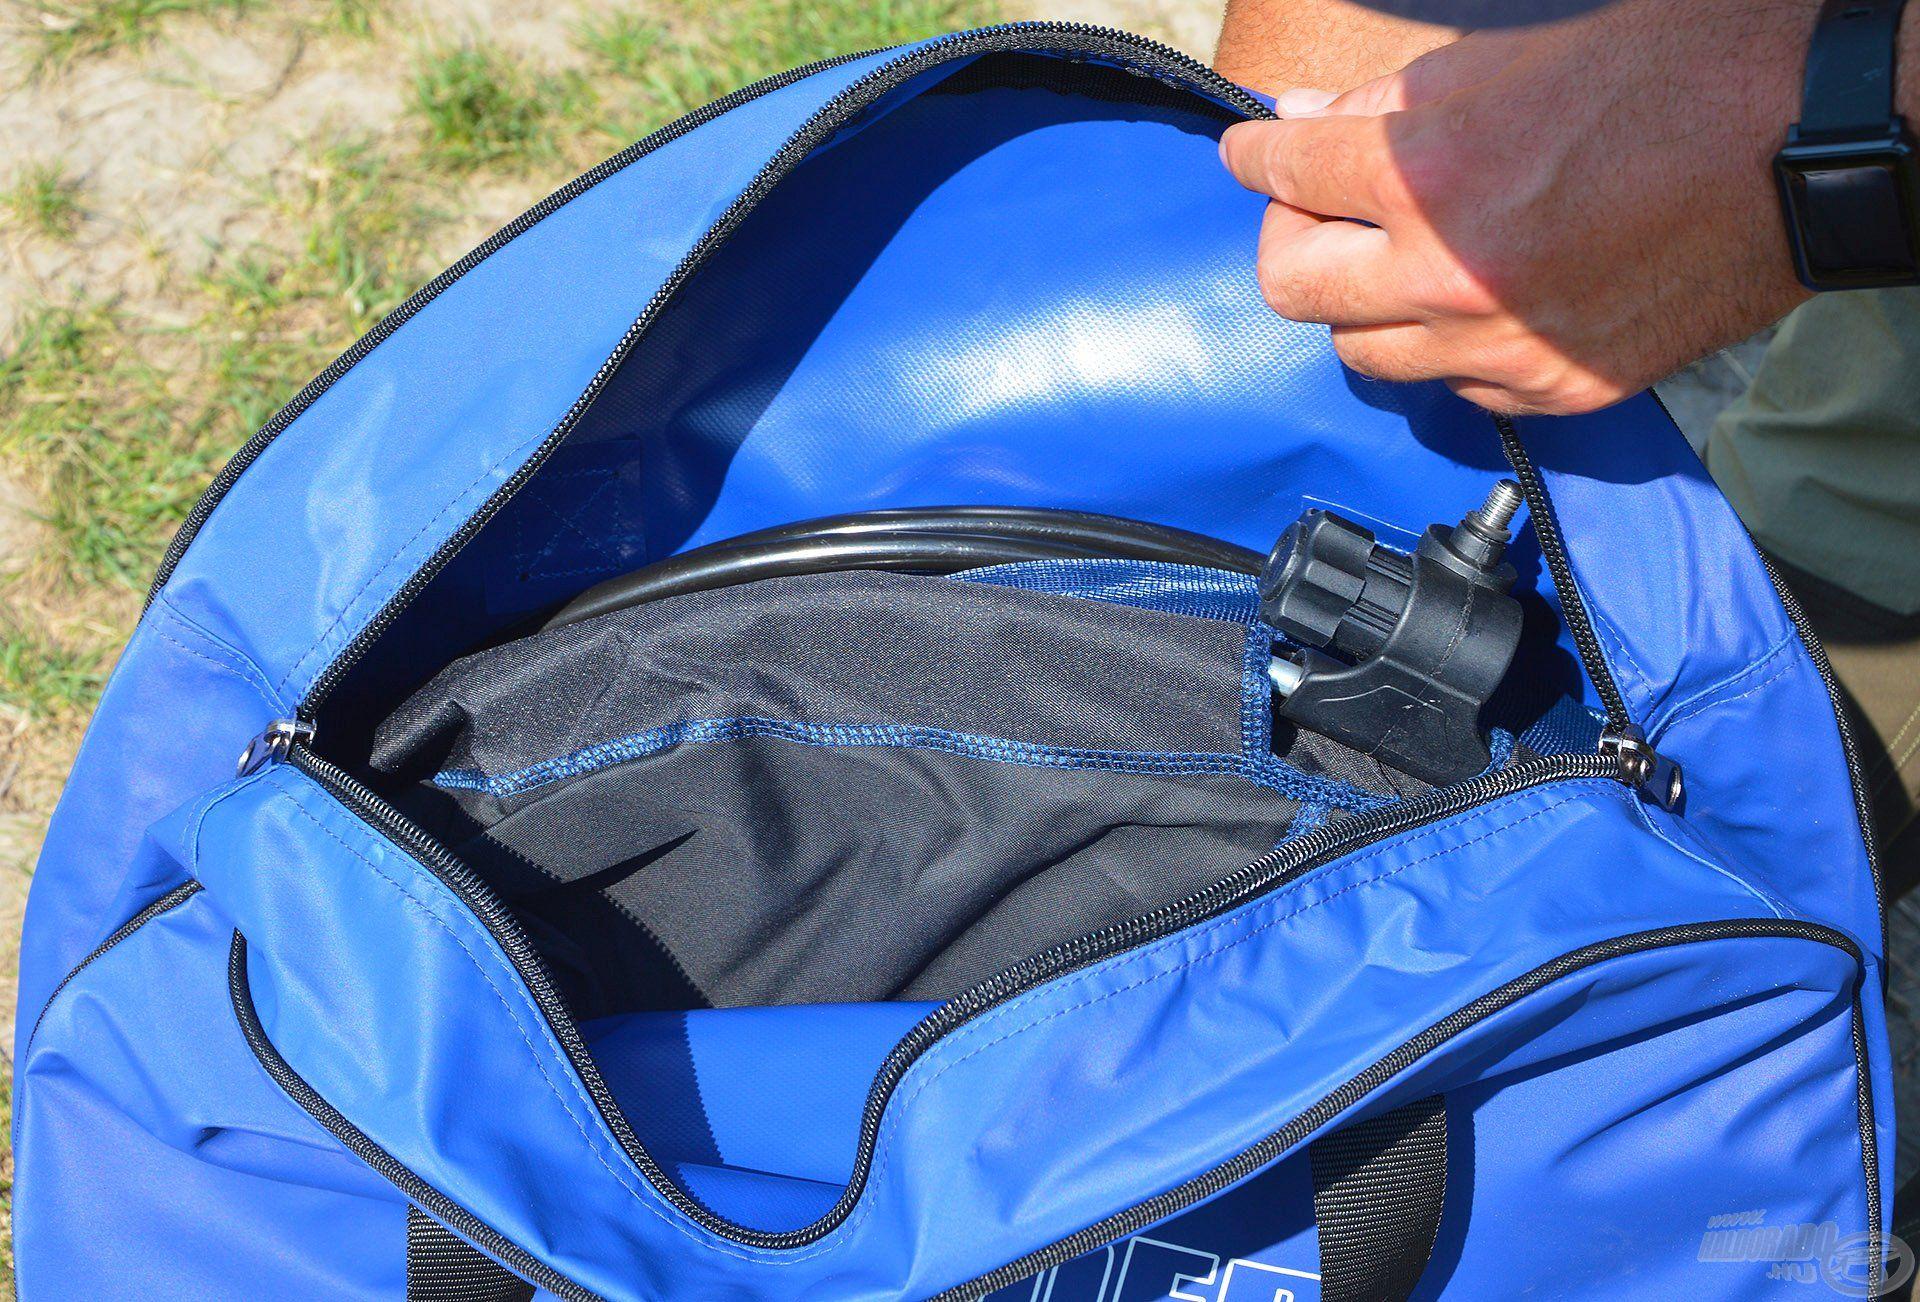 A száktartó táskák méretét úgy terveztük, hogy a legnagyobb méretű versenyszákokat is képesek legyenek befogadni